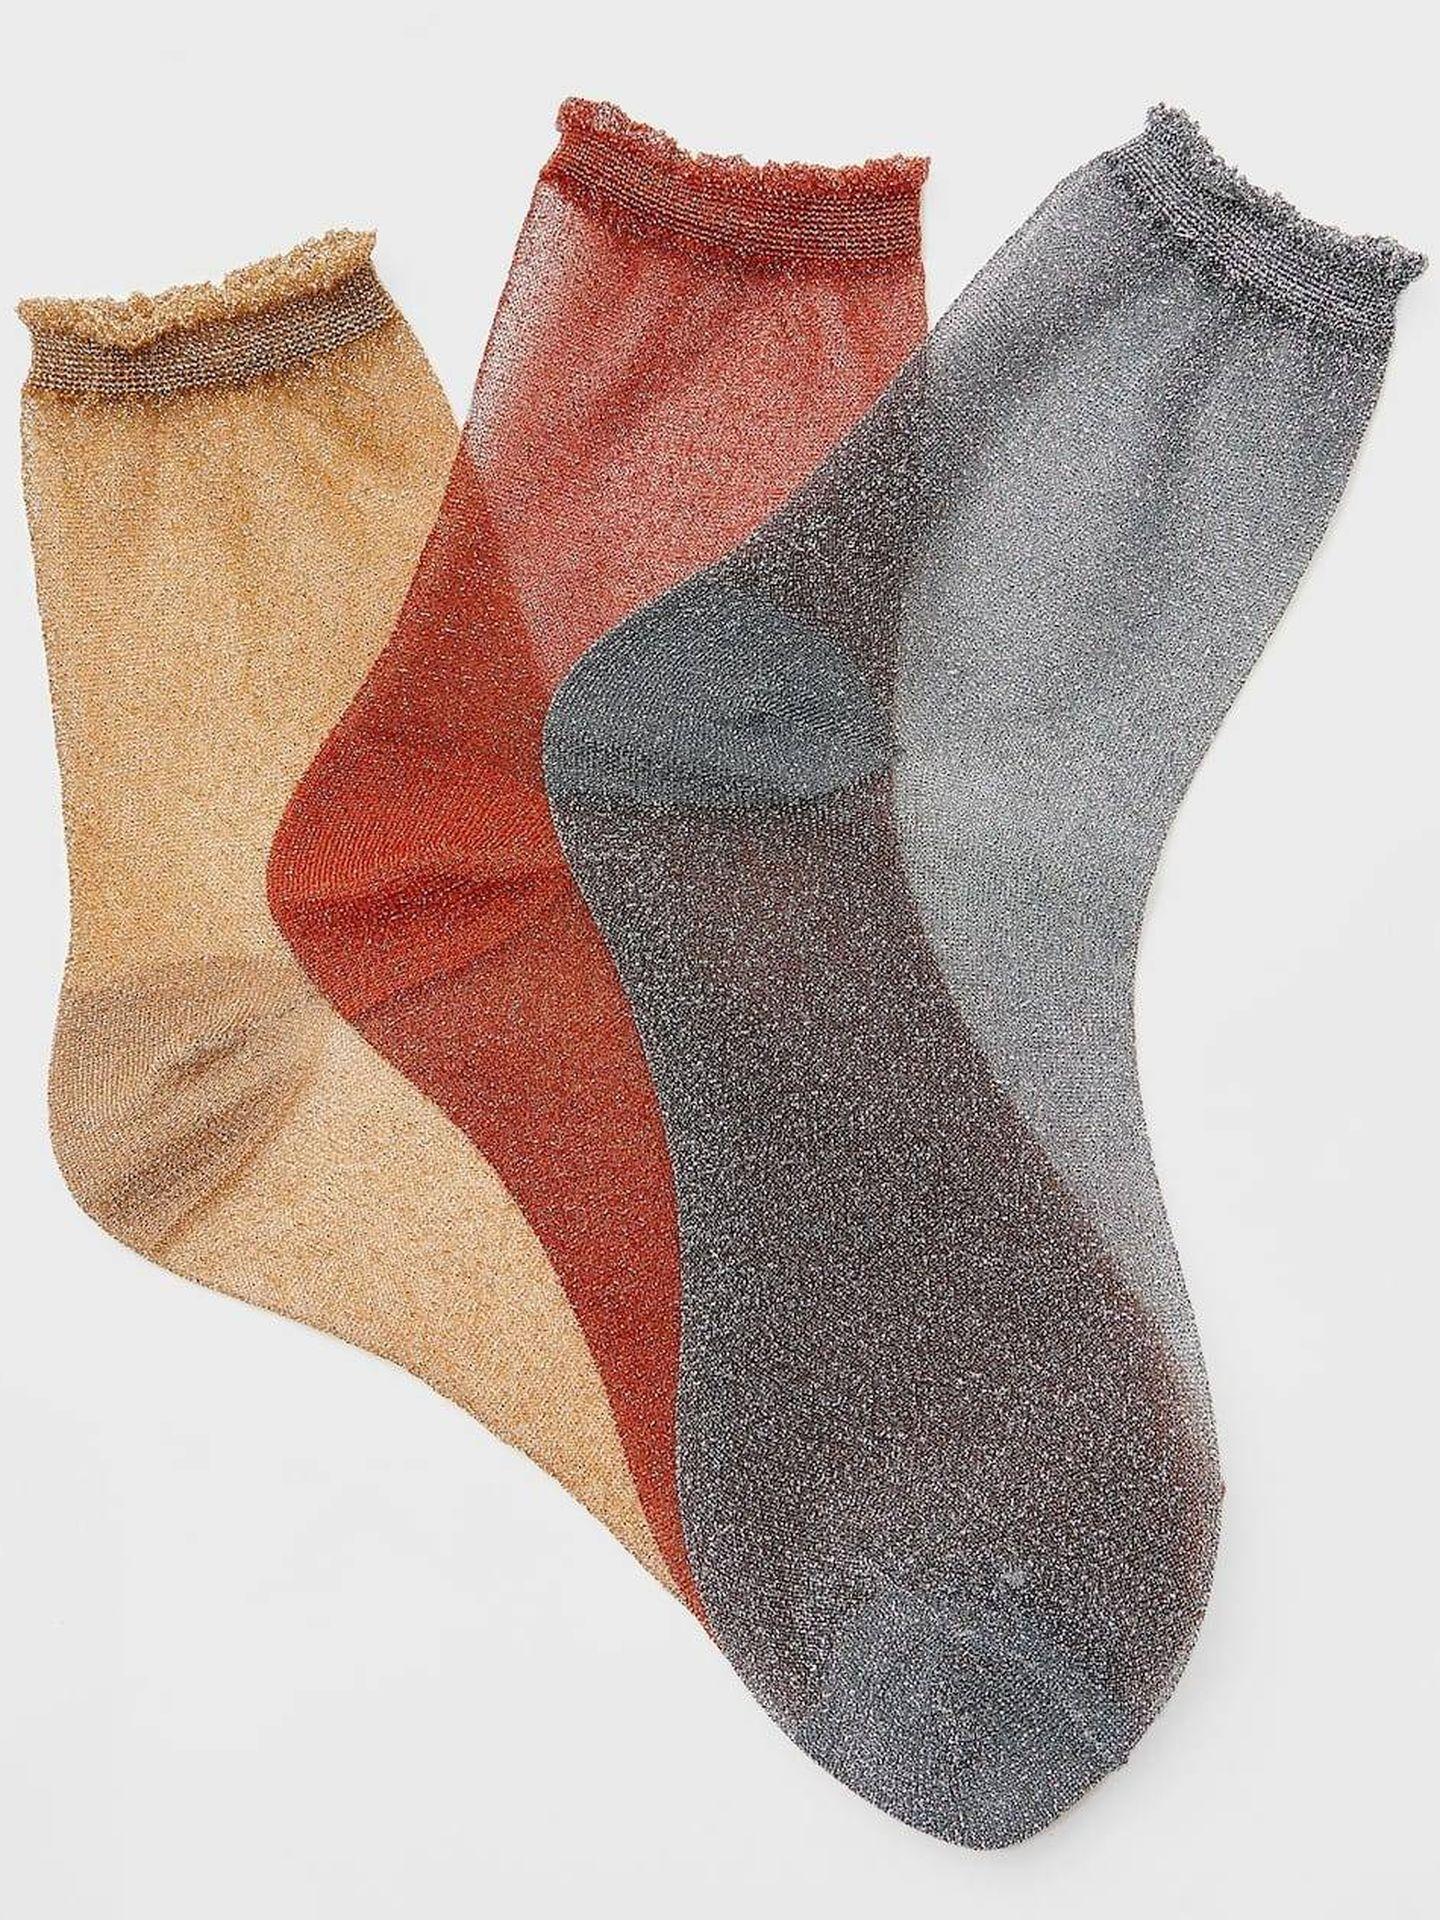 Calcetines bonitos de Stradivairus. (Cortesía)